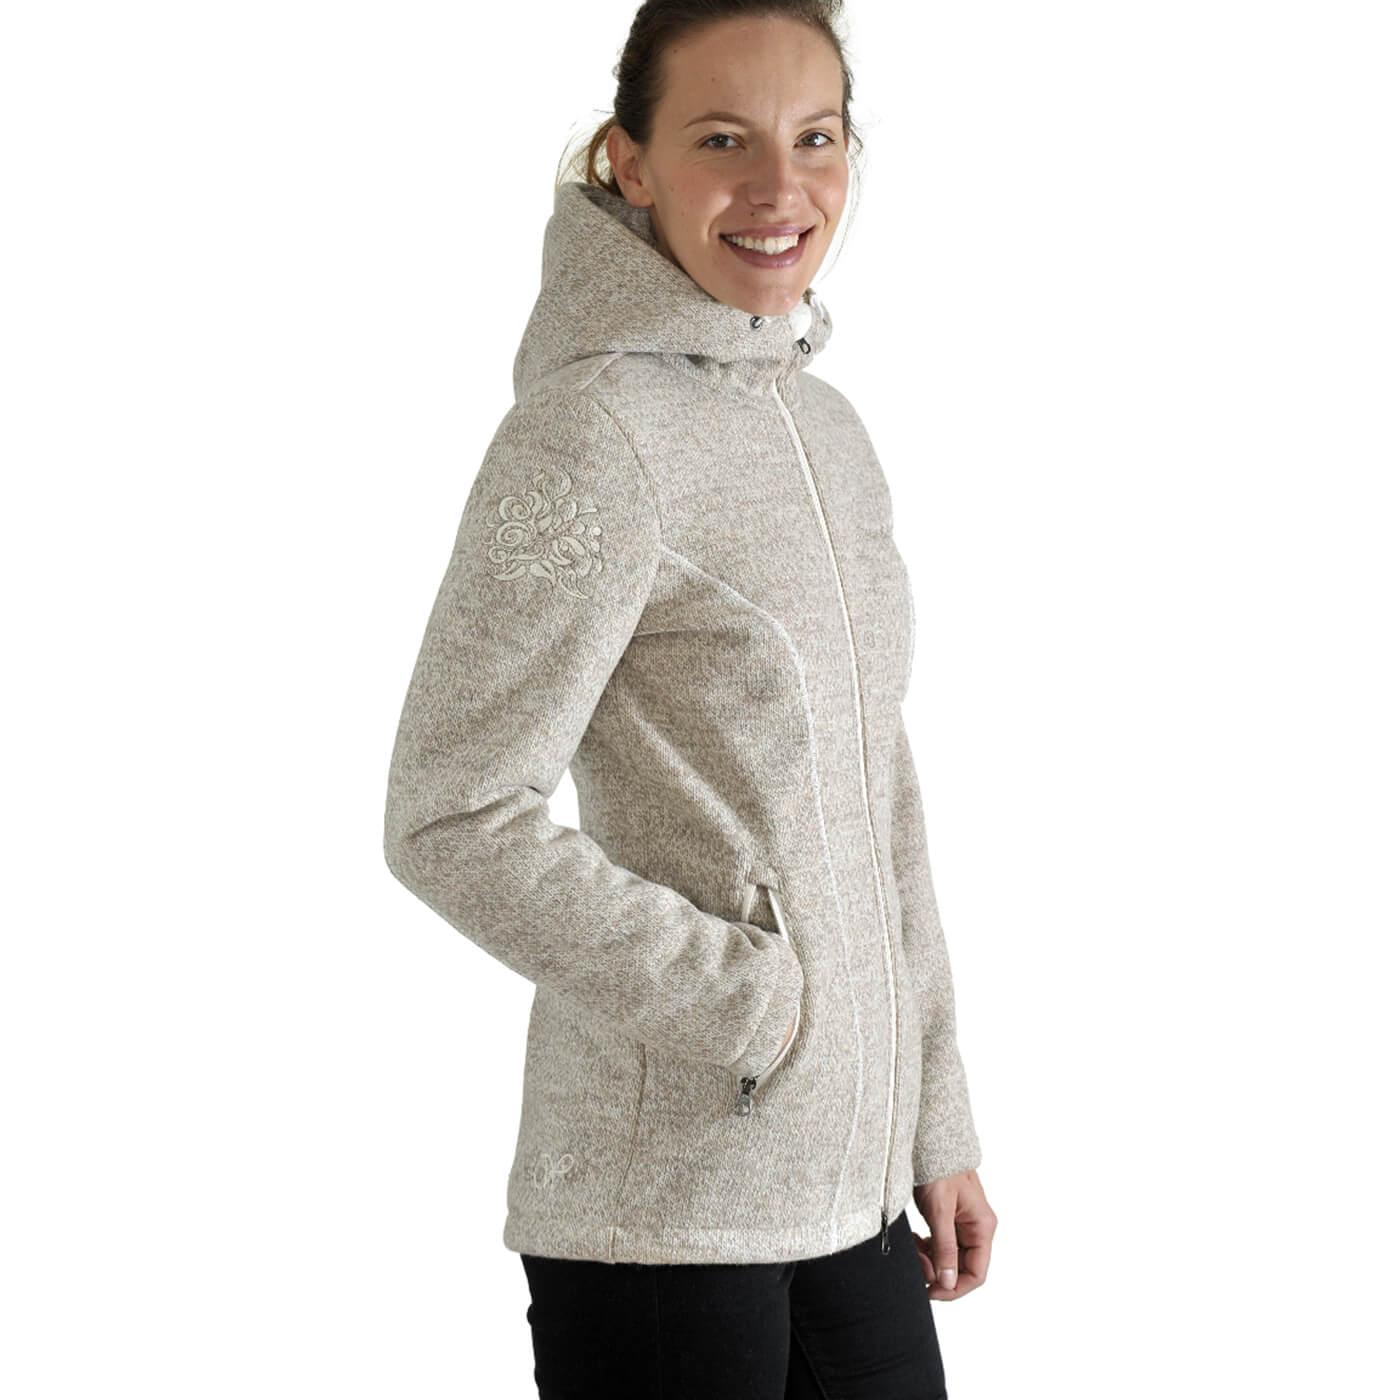 Benesport dámska bunda Kruhová - krémová, veľkosť L